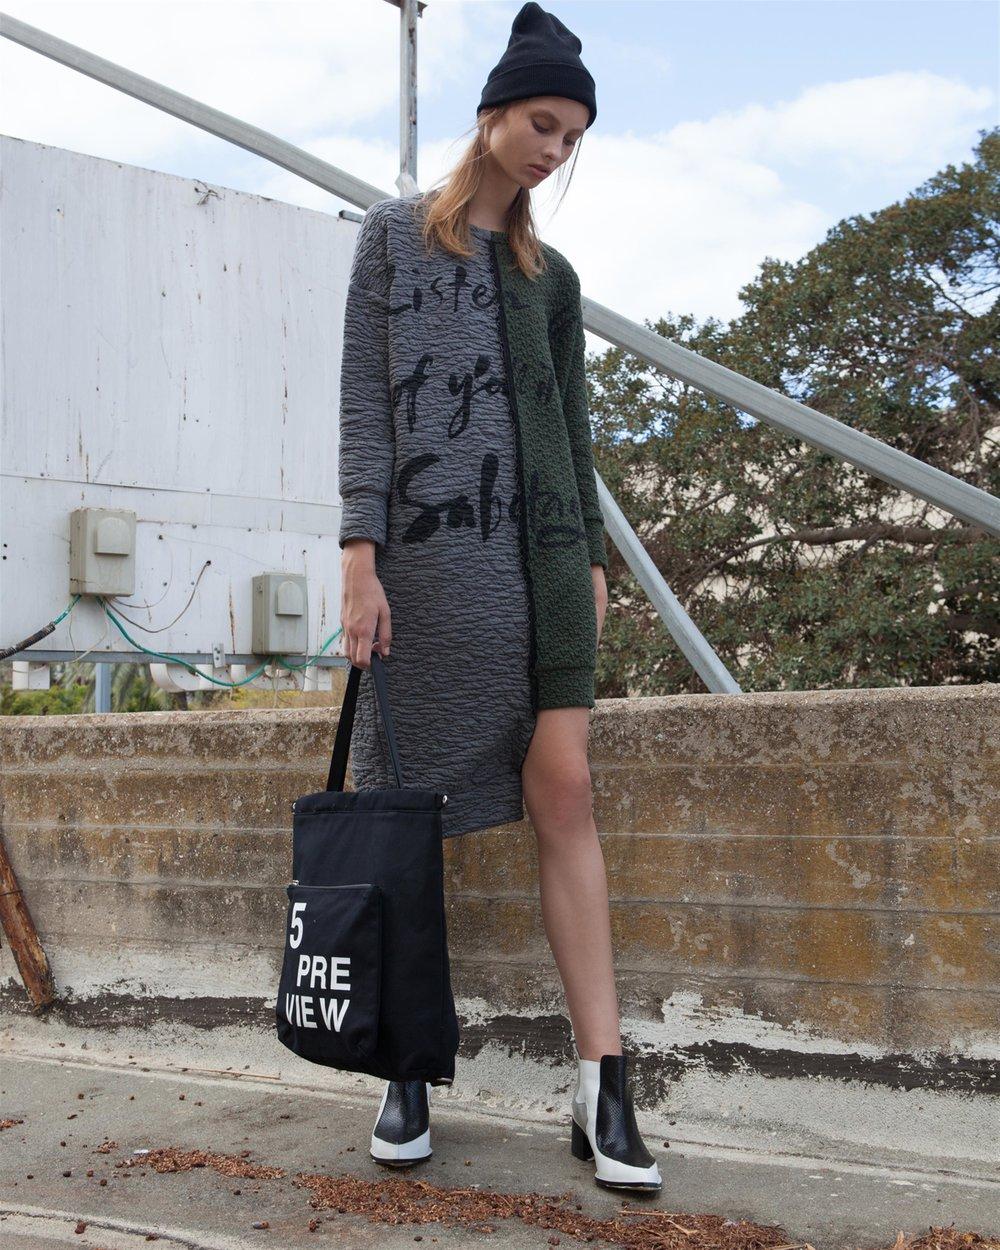 """המותג  Preview  5 לאתר האופנה BelleandSue.co.il מחיר אחרי הנחה 629 ש""""ח (במקום 789 ש""""ח) בימי המכירות SHOPPING IL (צילום: ניר שריג)"""